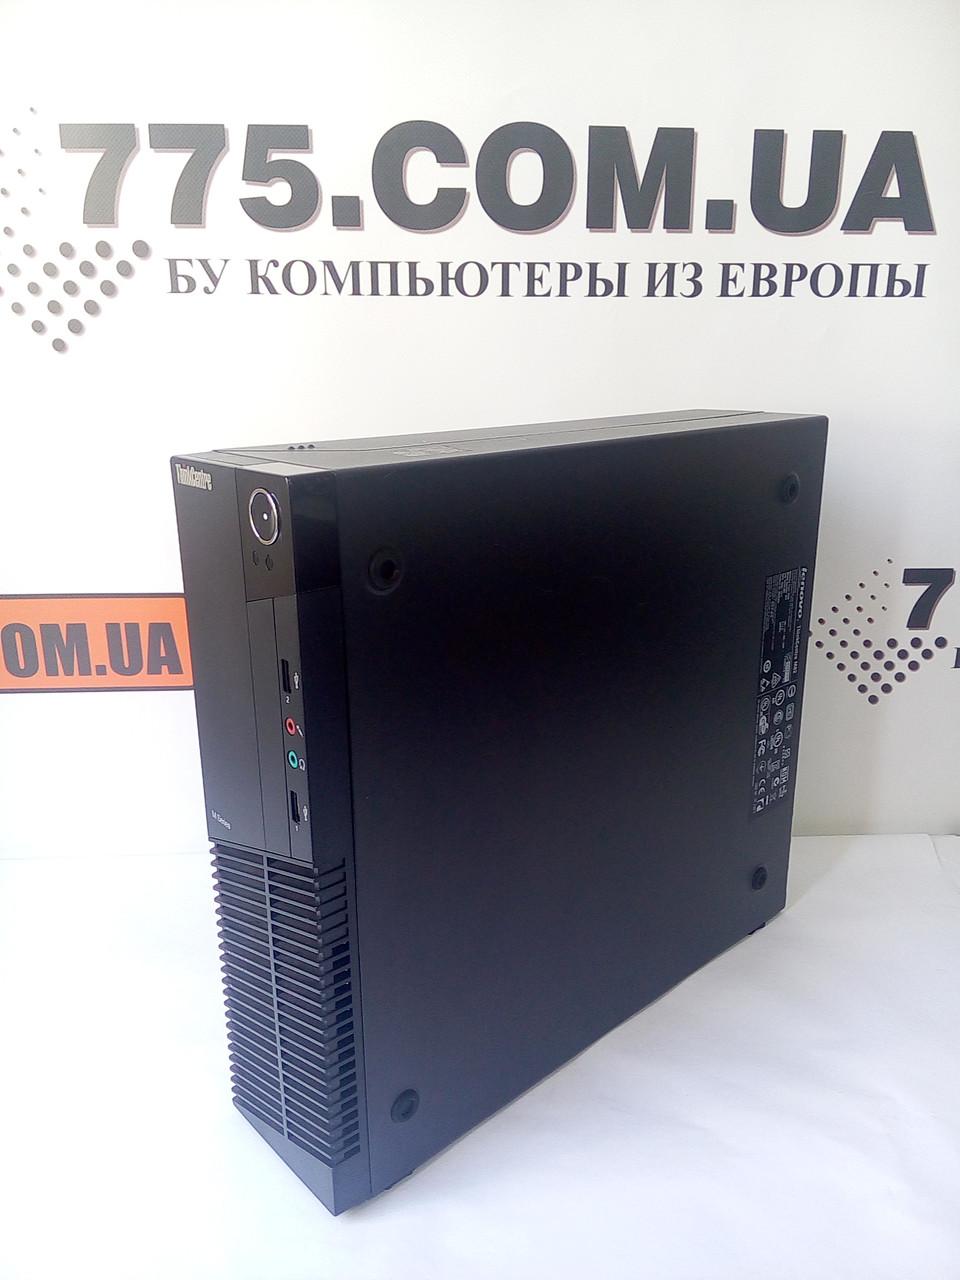 Компьютер Lenovo M82 (Desktop), Intel Core i7-3770 3.80GHz, RAM 8ГБ, HDD 500ГБ (SSD 120ГБ)